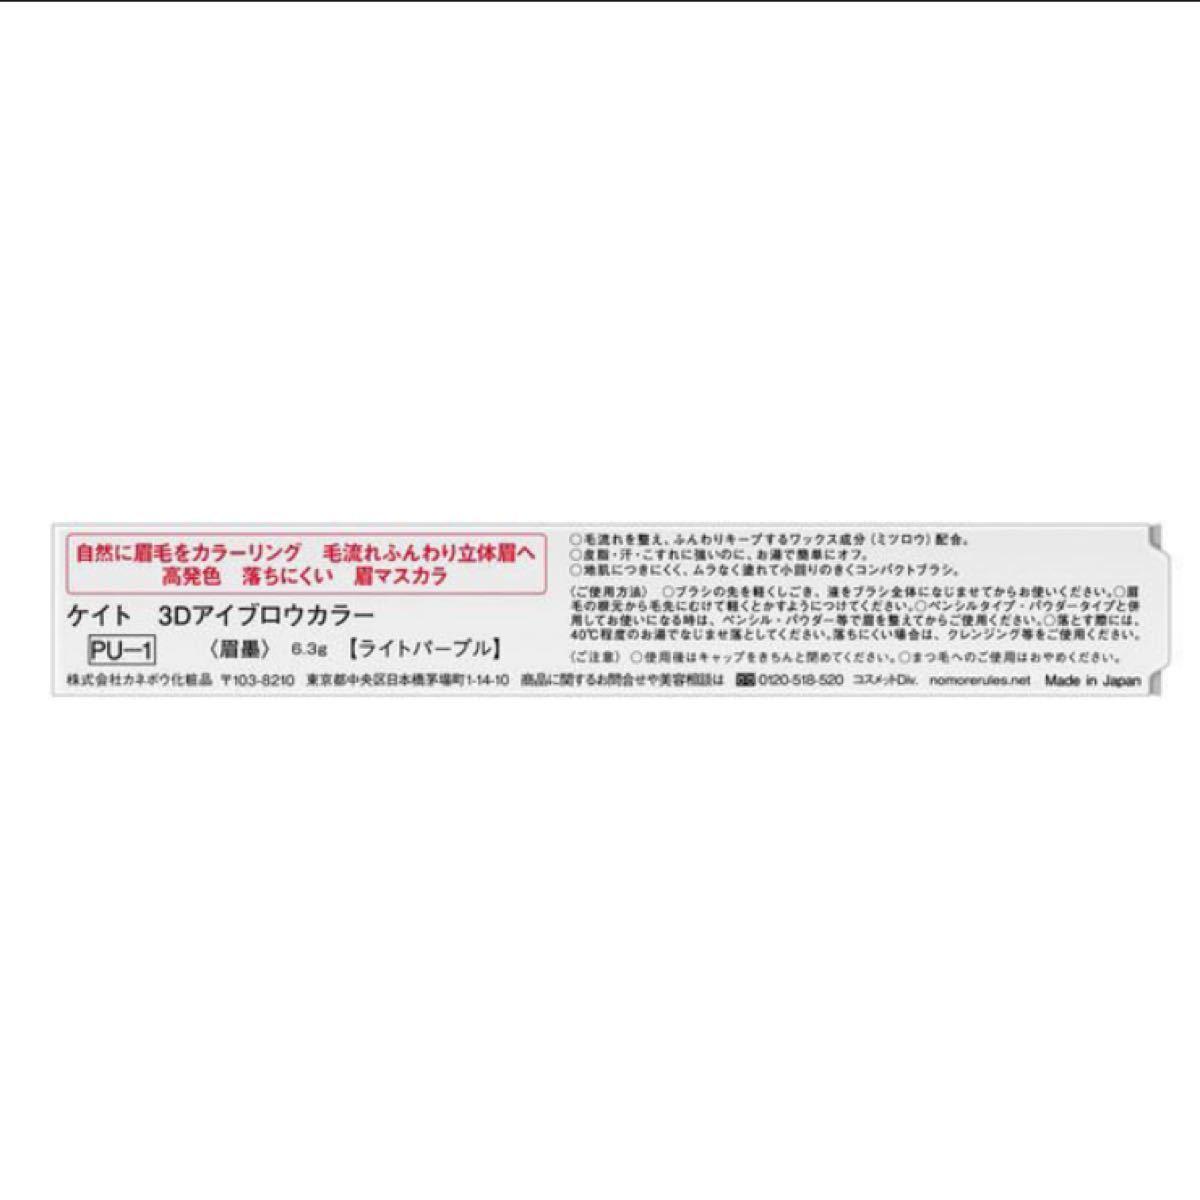 KATE(ケイト) 3Dアイブロウカラー PU-1 ライトパープル 6.3g